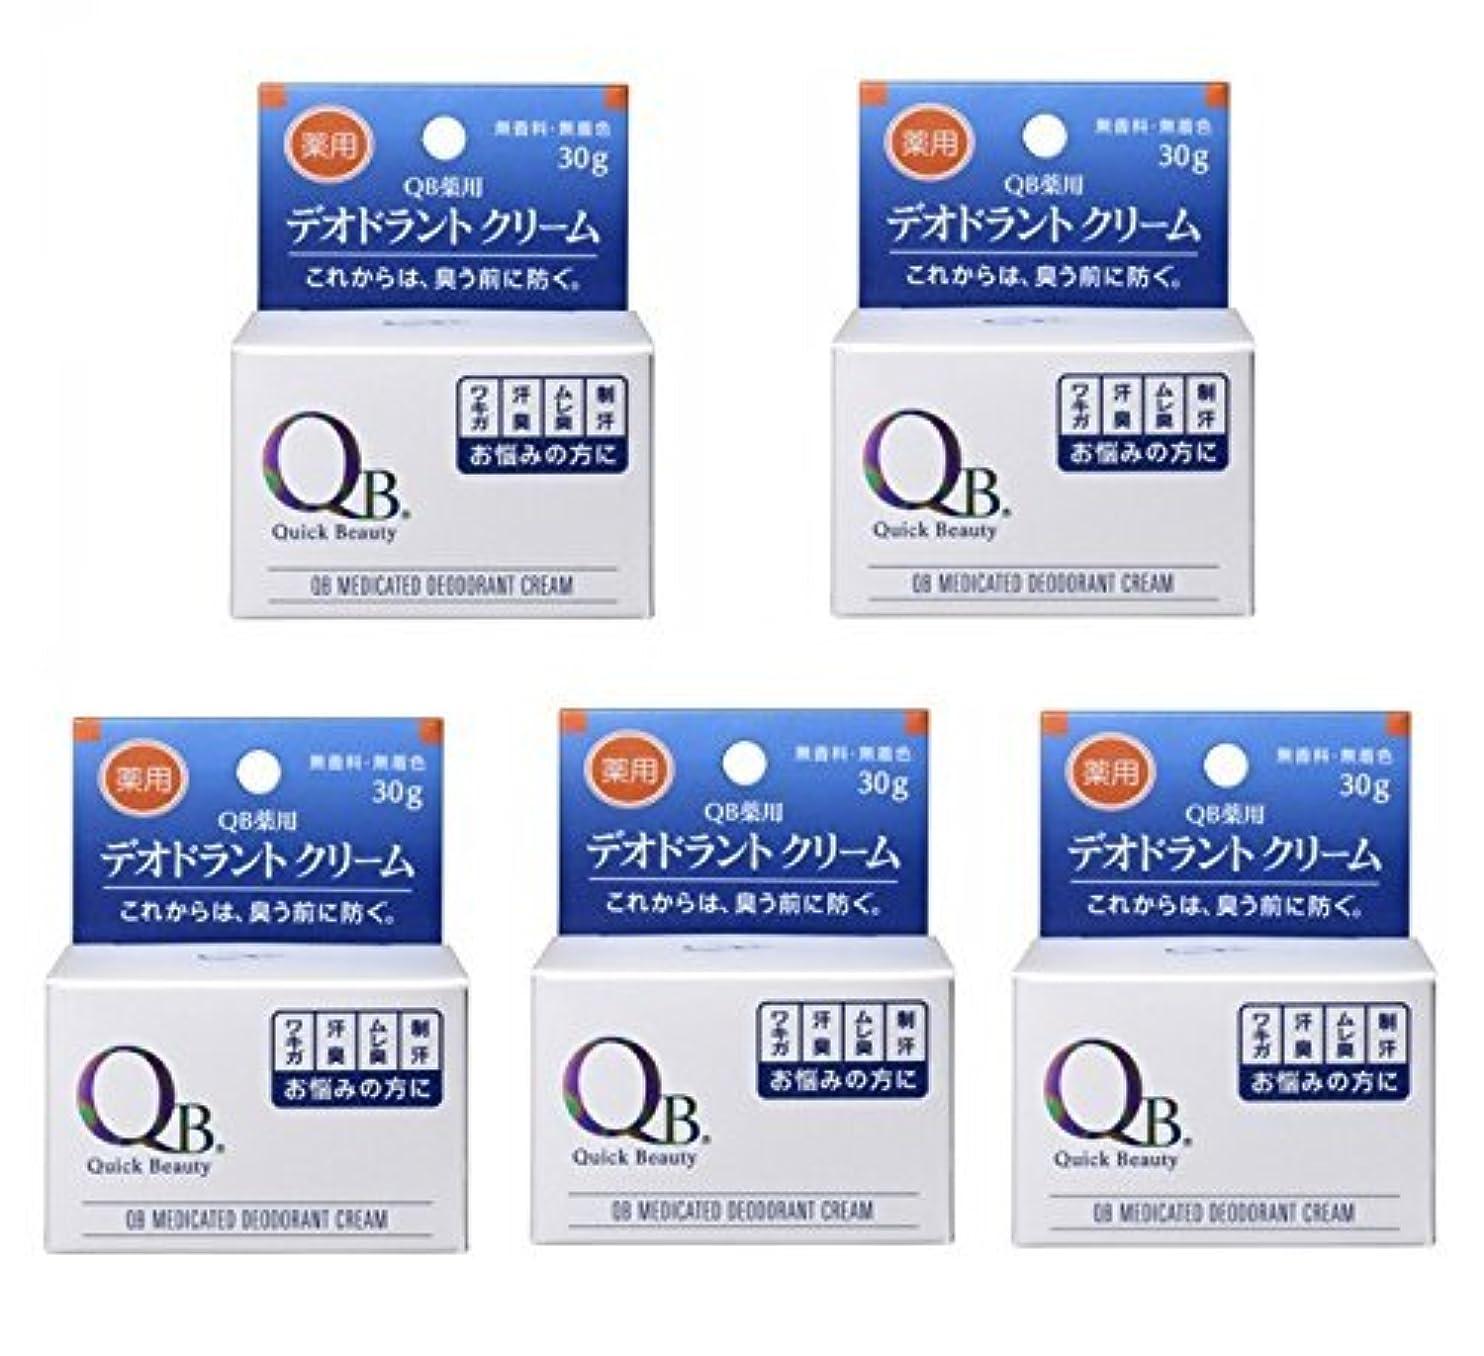 スズメバチ試験慎重に※5個セットQB薬用デオドラントクリーム 30g 医薬部外品